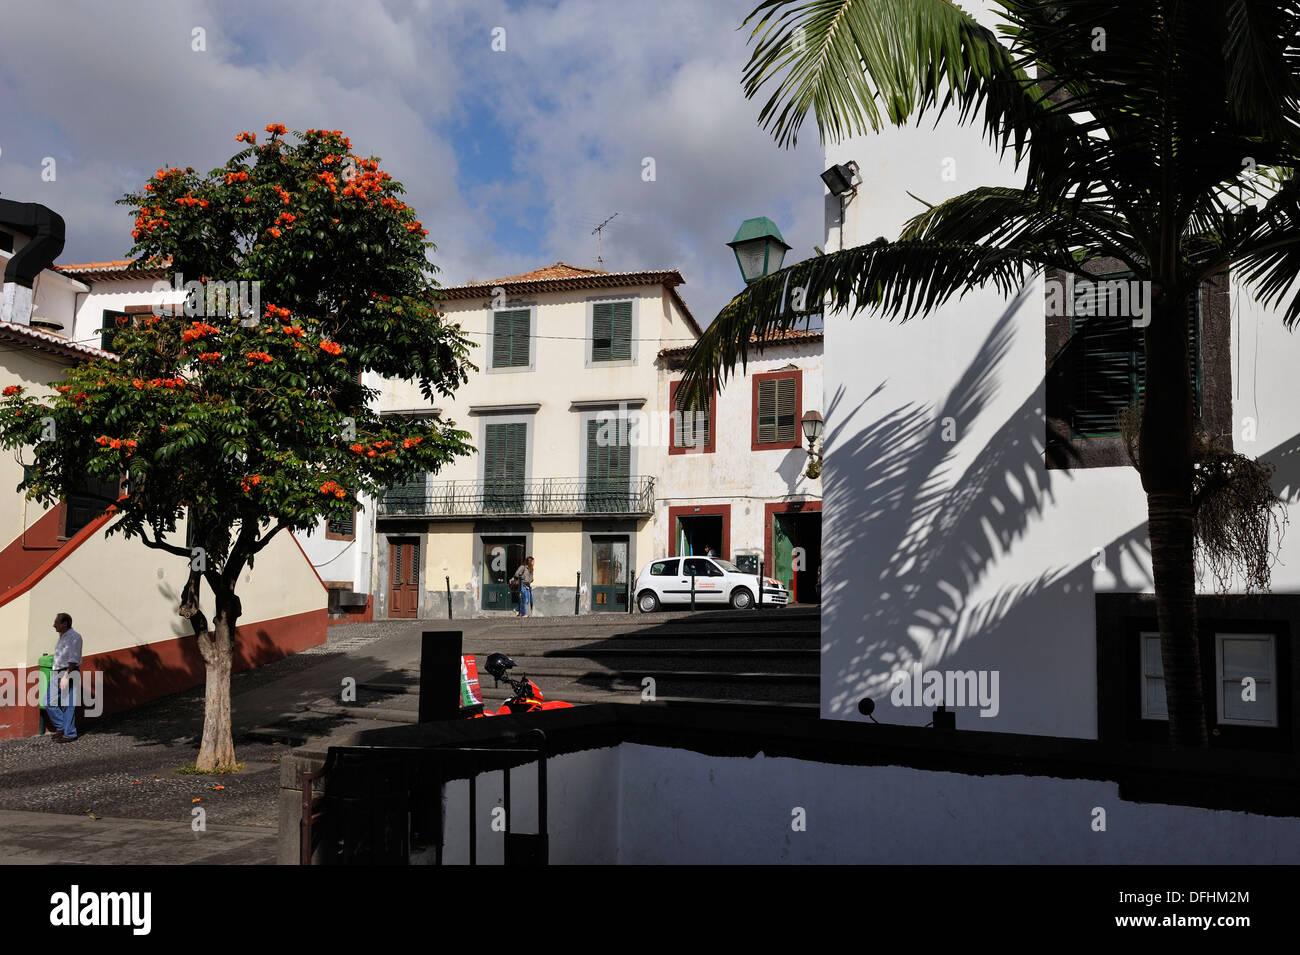 Square e la cappella Corpo-Santo nella città vecchia, Funchal, Madeira Island, Oceano Atlantico, Portogallo Immagini Stock